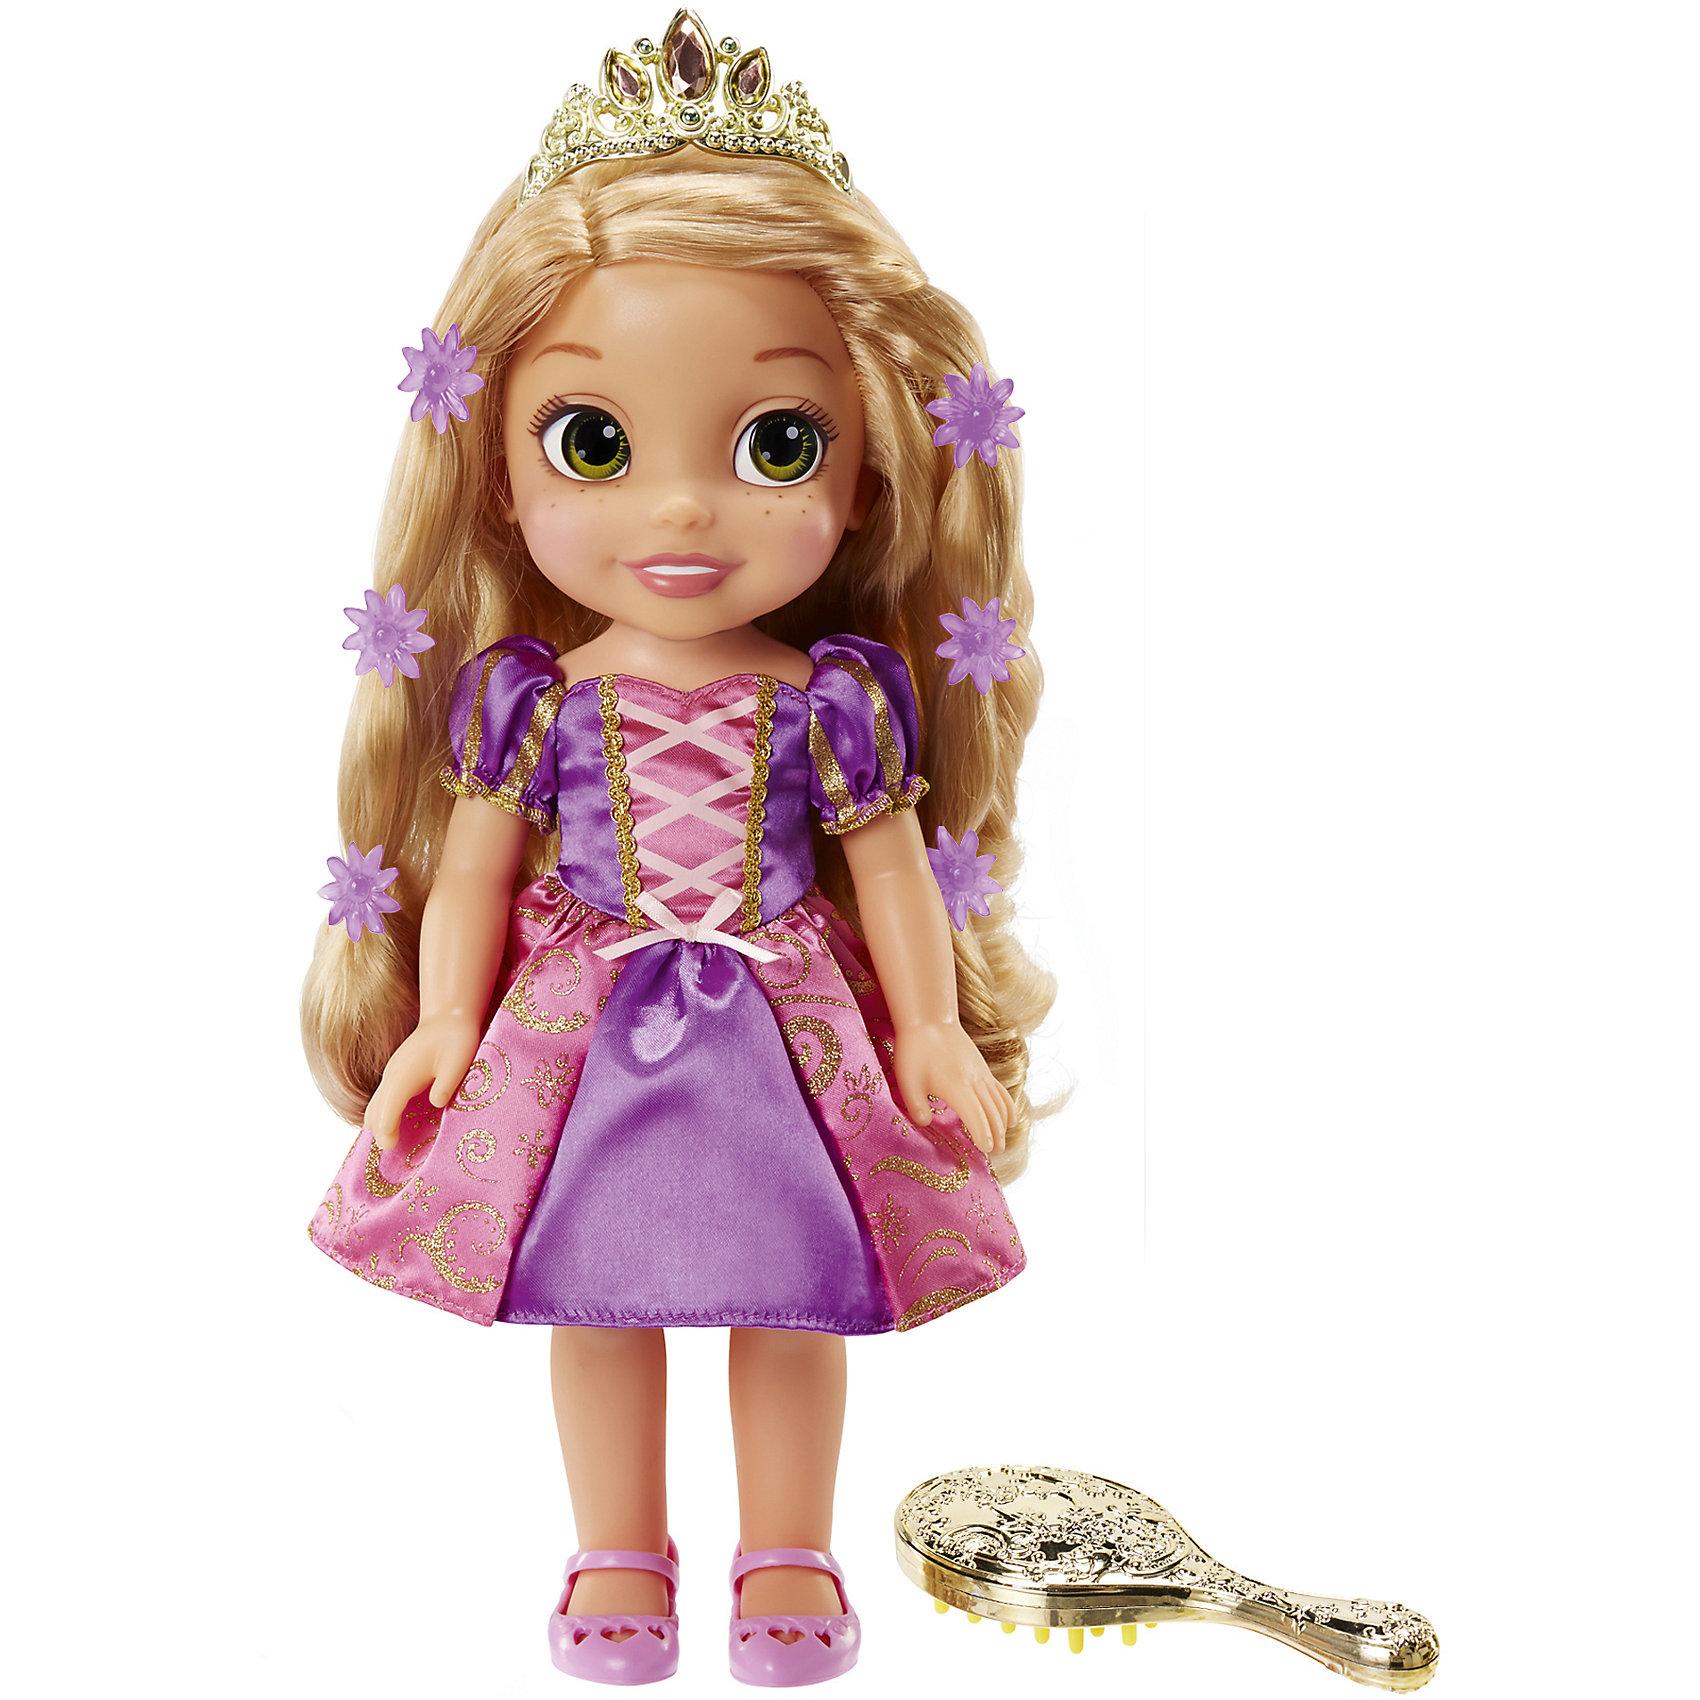 Disney Кукла Рапунцель со светящимися волосами, Disney Princess кукла весна 35 см